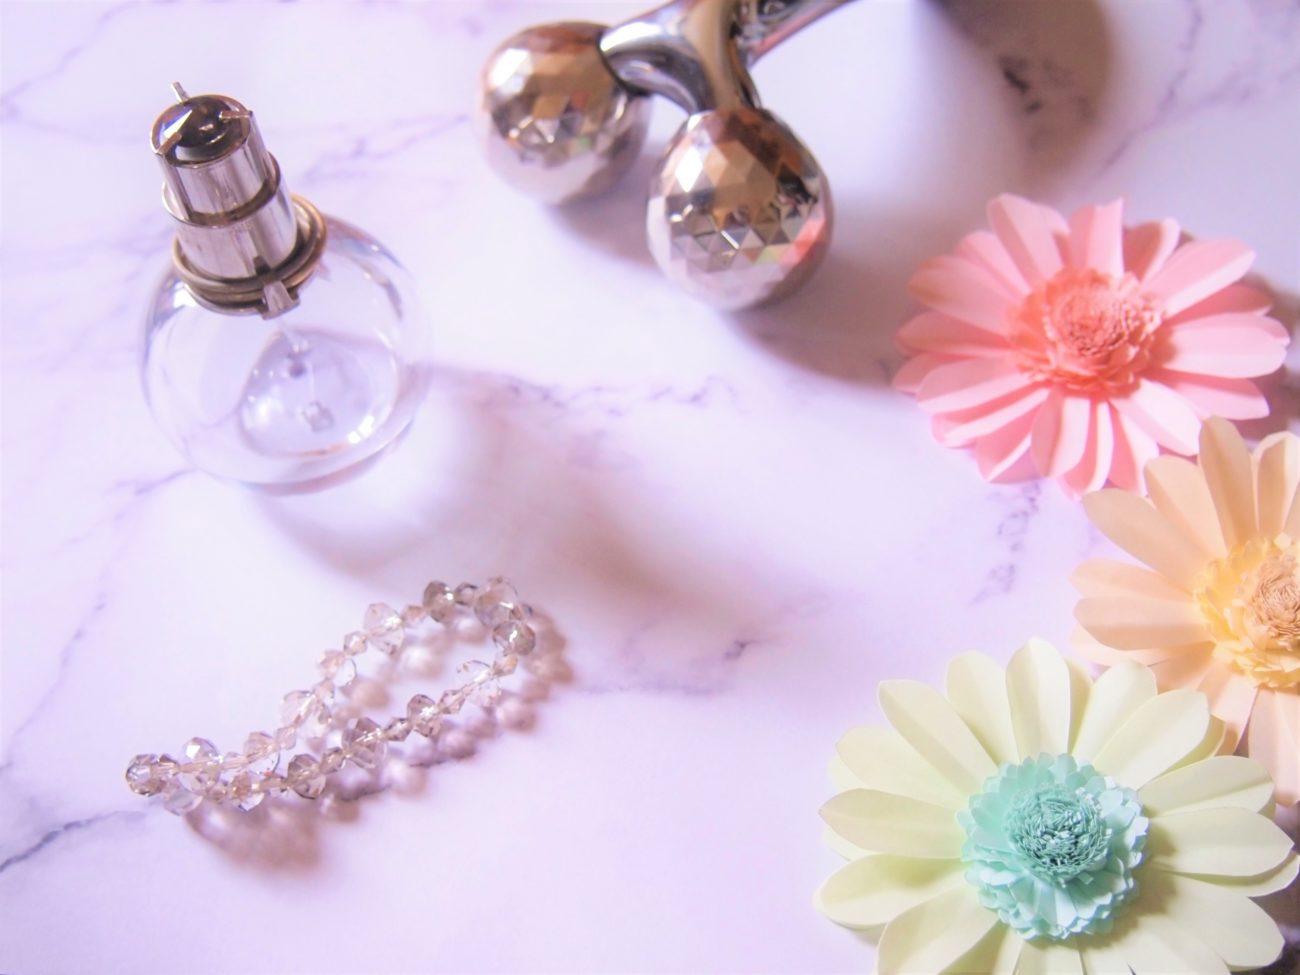 『ミスディオール ヘアミスト』は香水よりも使いやすいという声も多数!